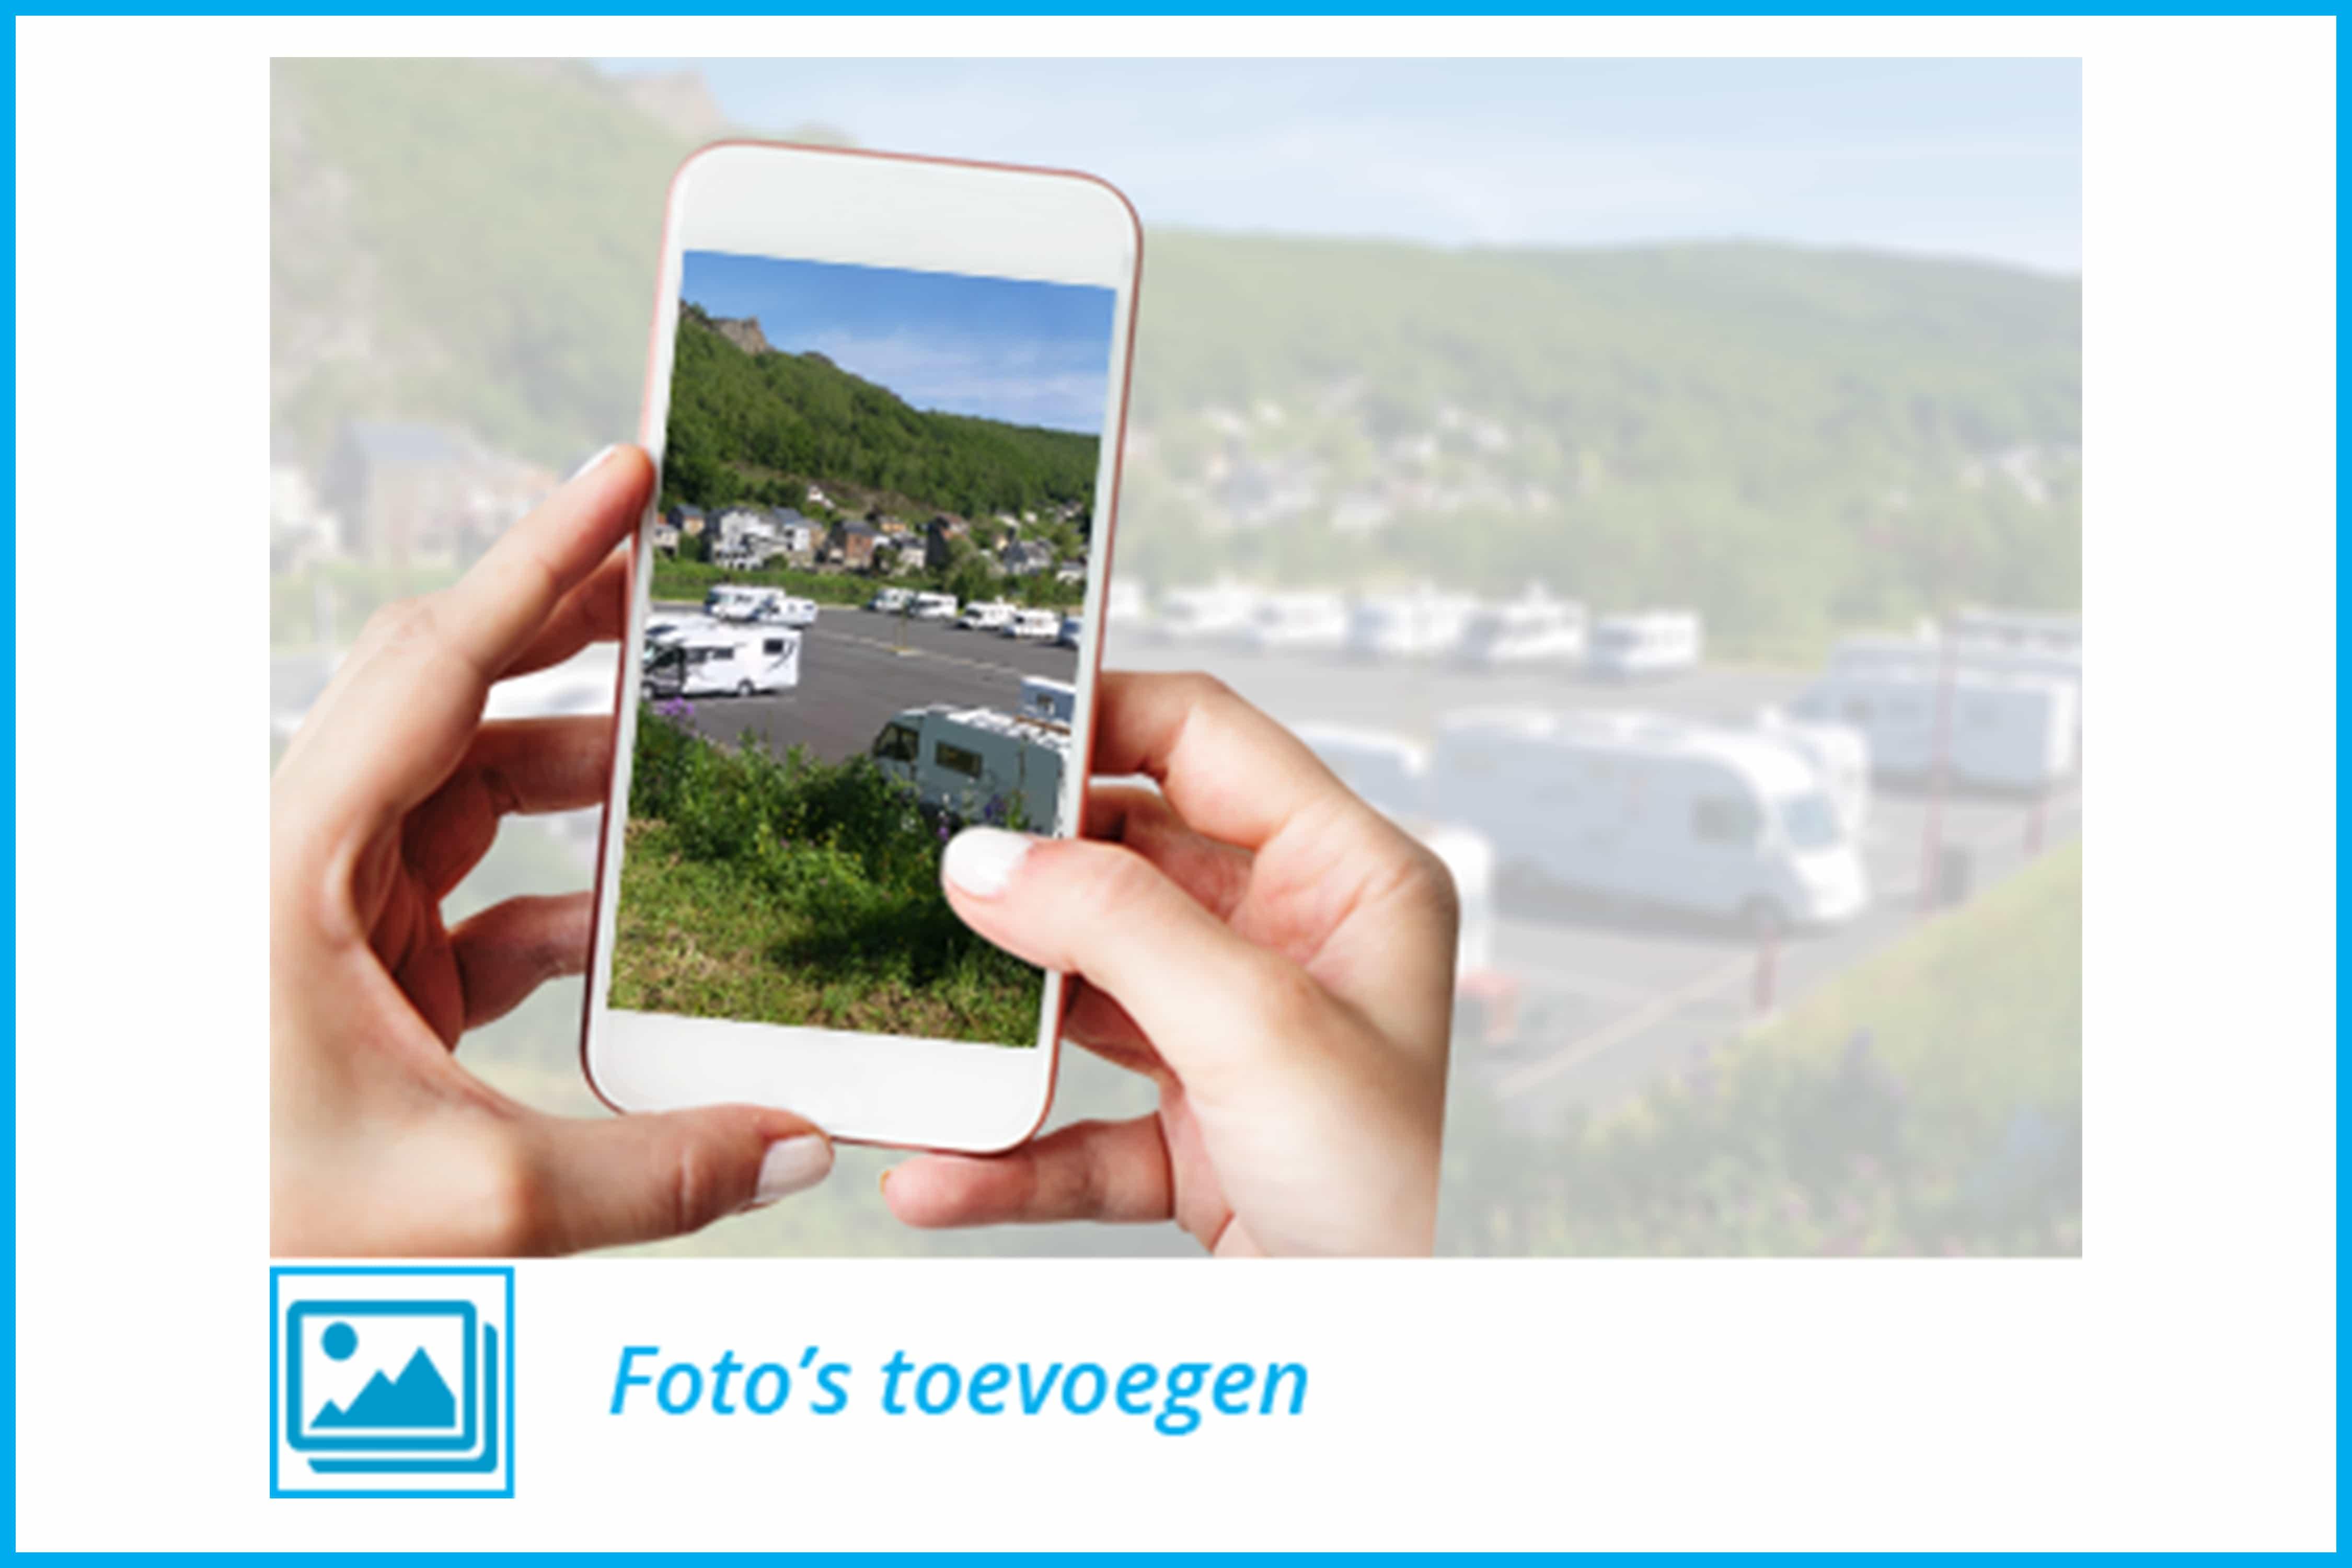 Fotos toevoegen